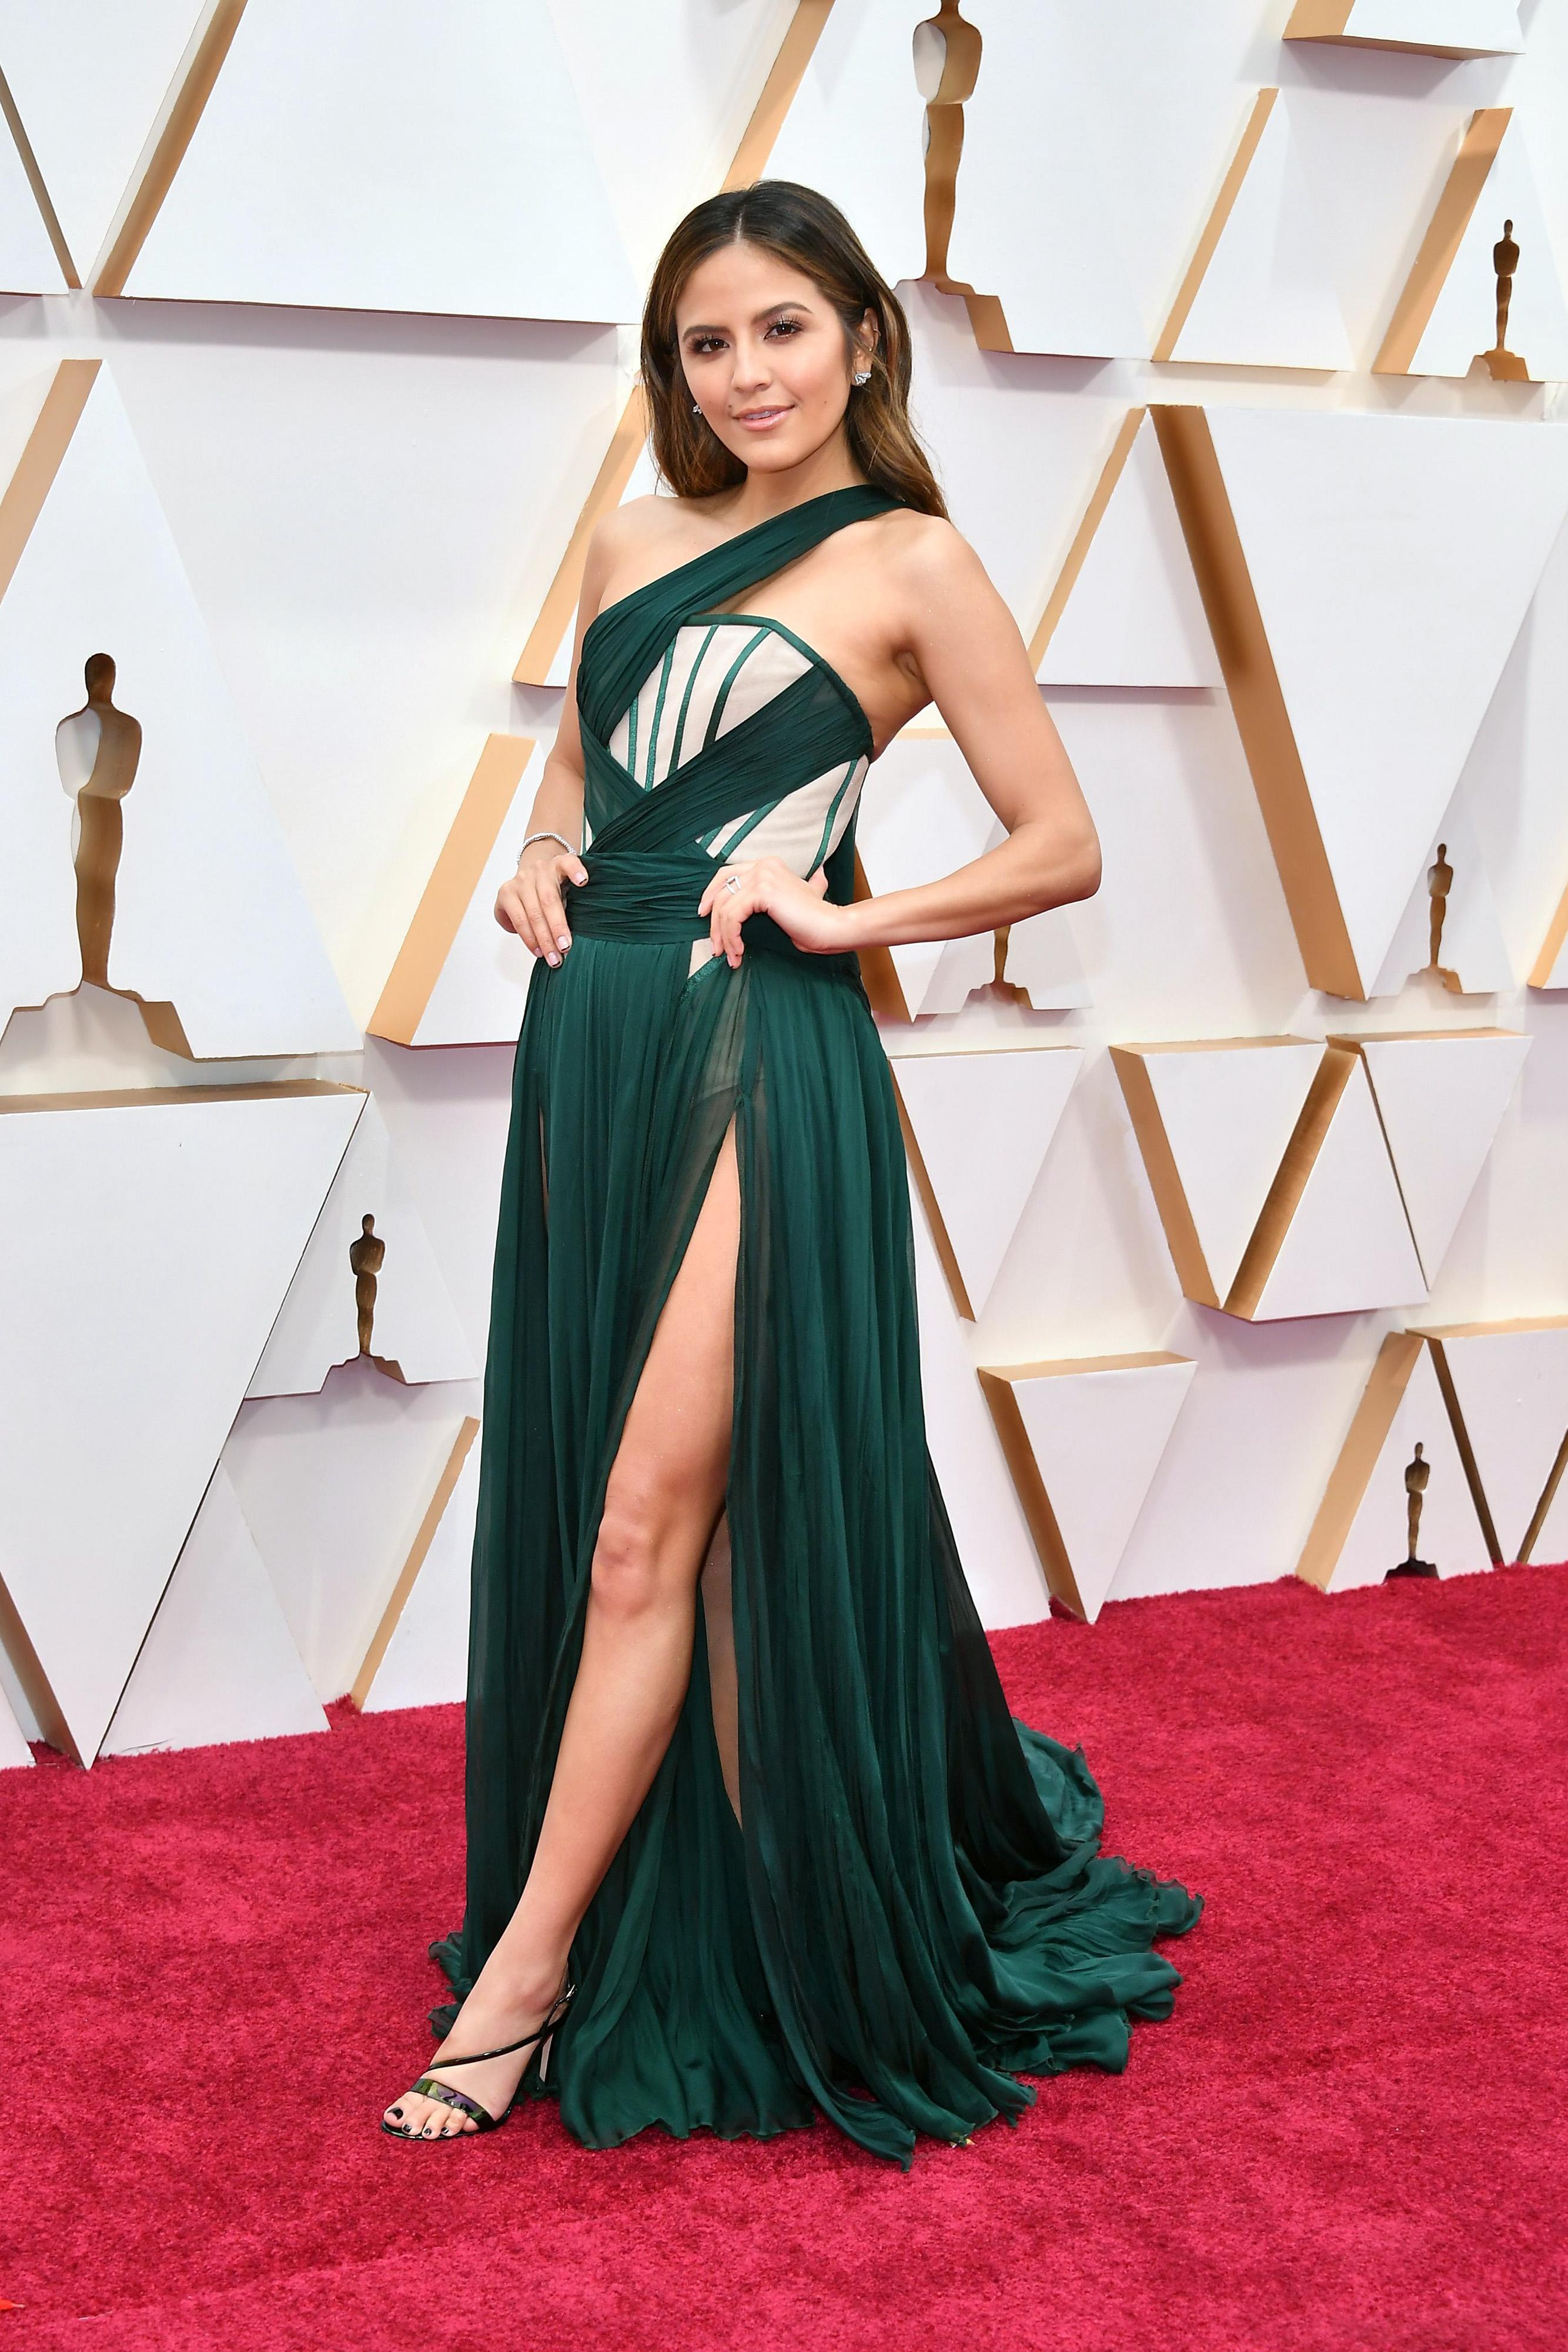 Ерин Лим в Kim Kassas Скучна рокля, която има за цел да е много секси, но резултатът е просто безвкусен.